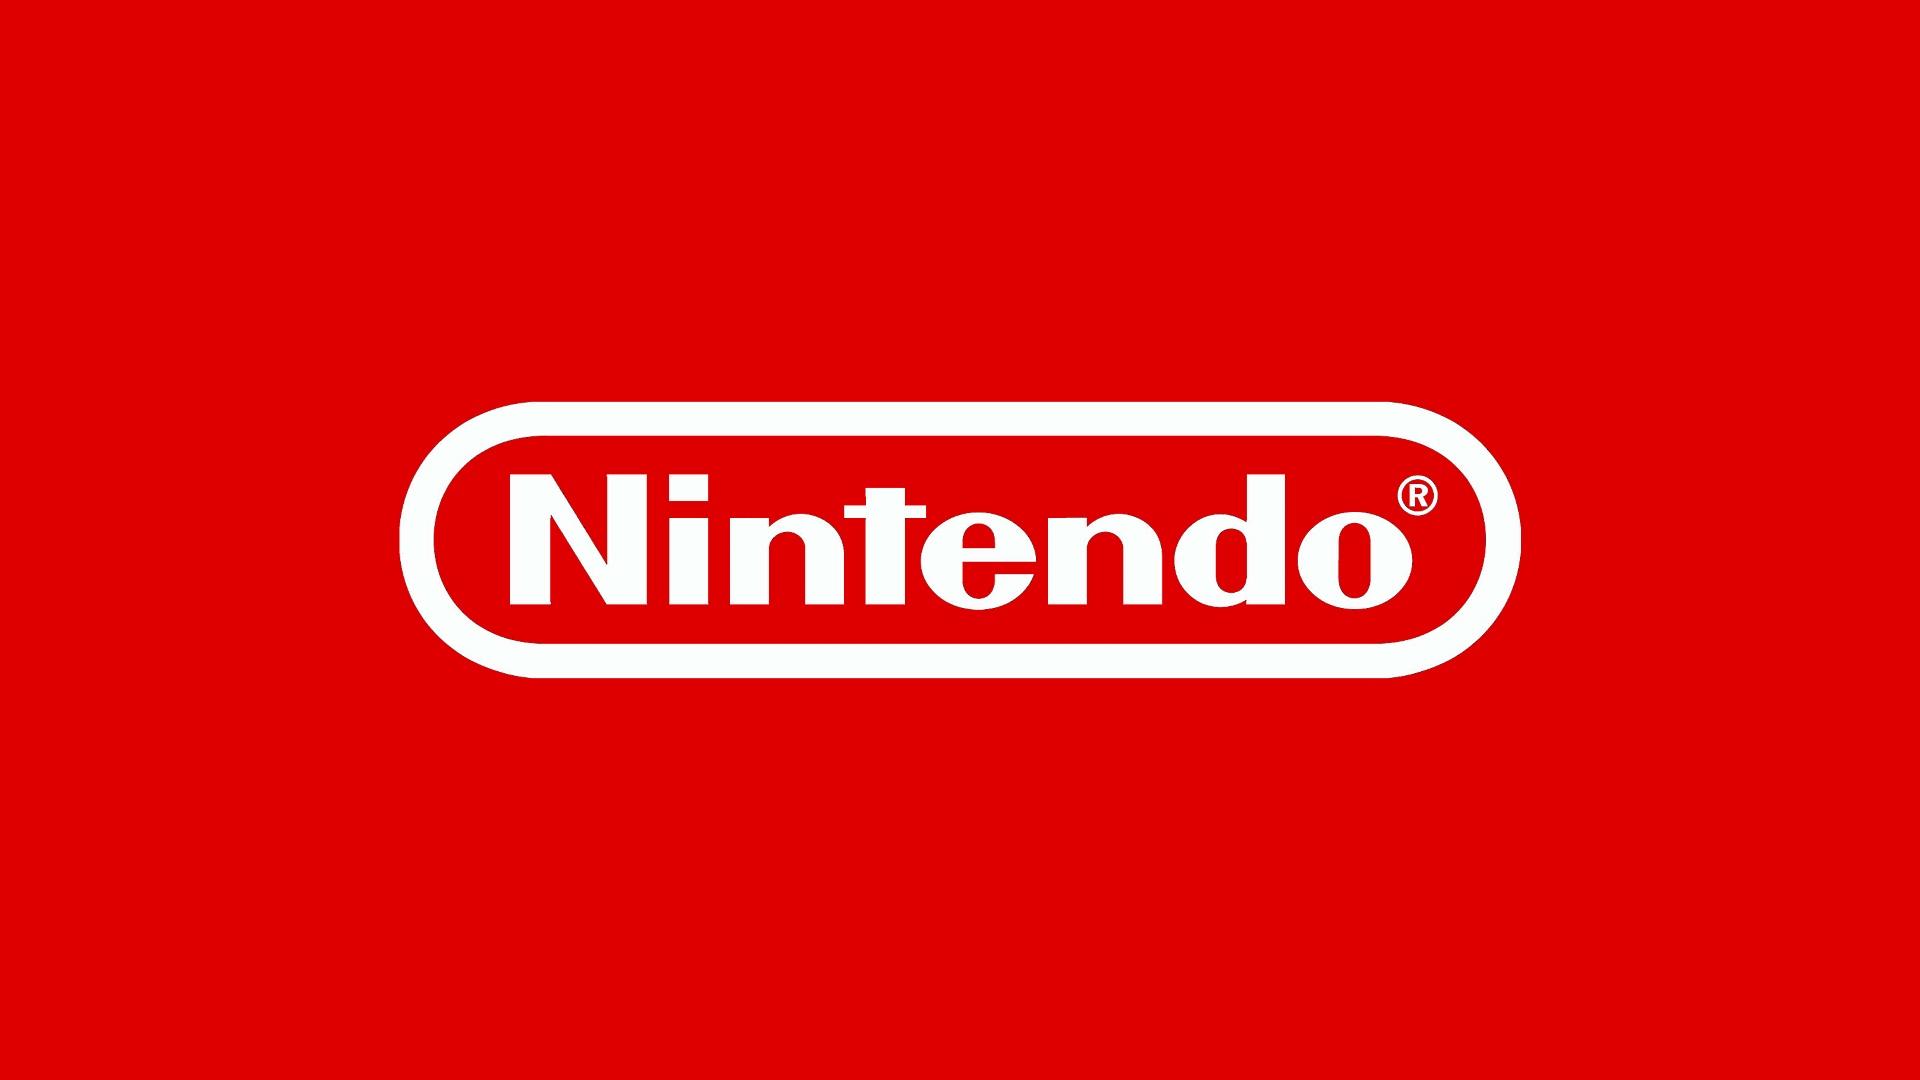 ¿Cuánto cobran los empleados de Nintendo Japón? La compañía ofrece estadísticas